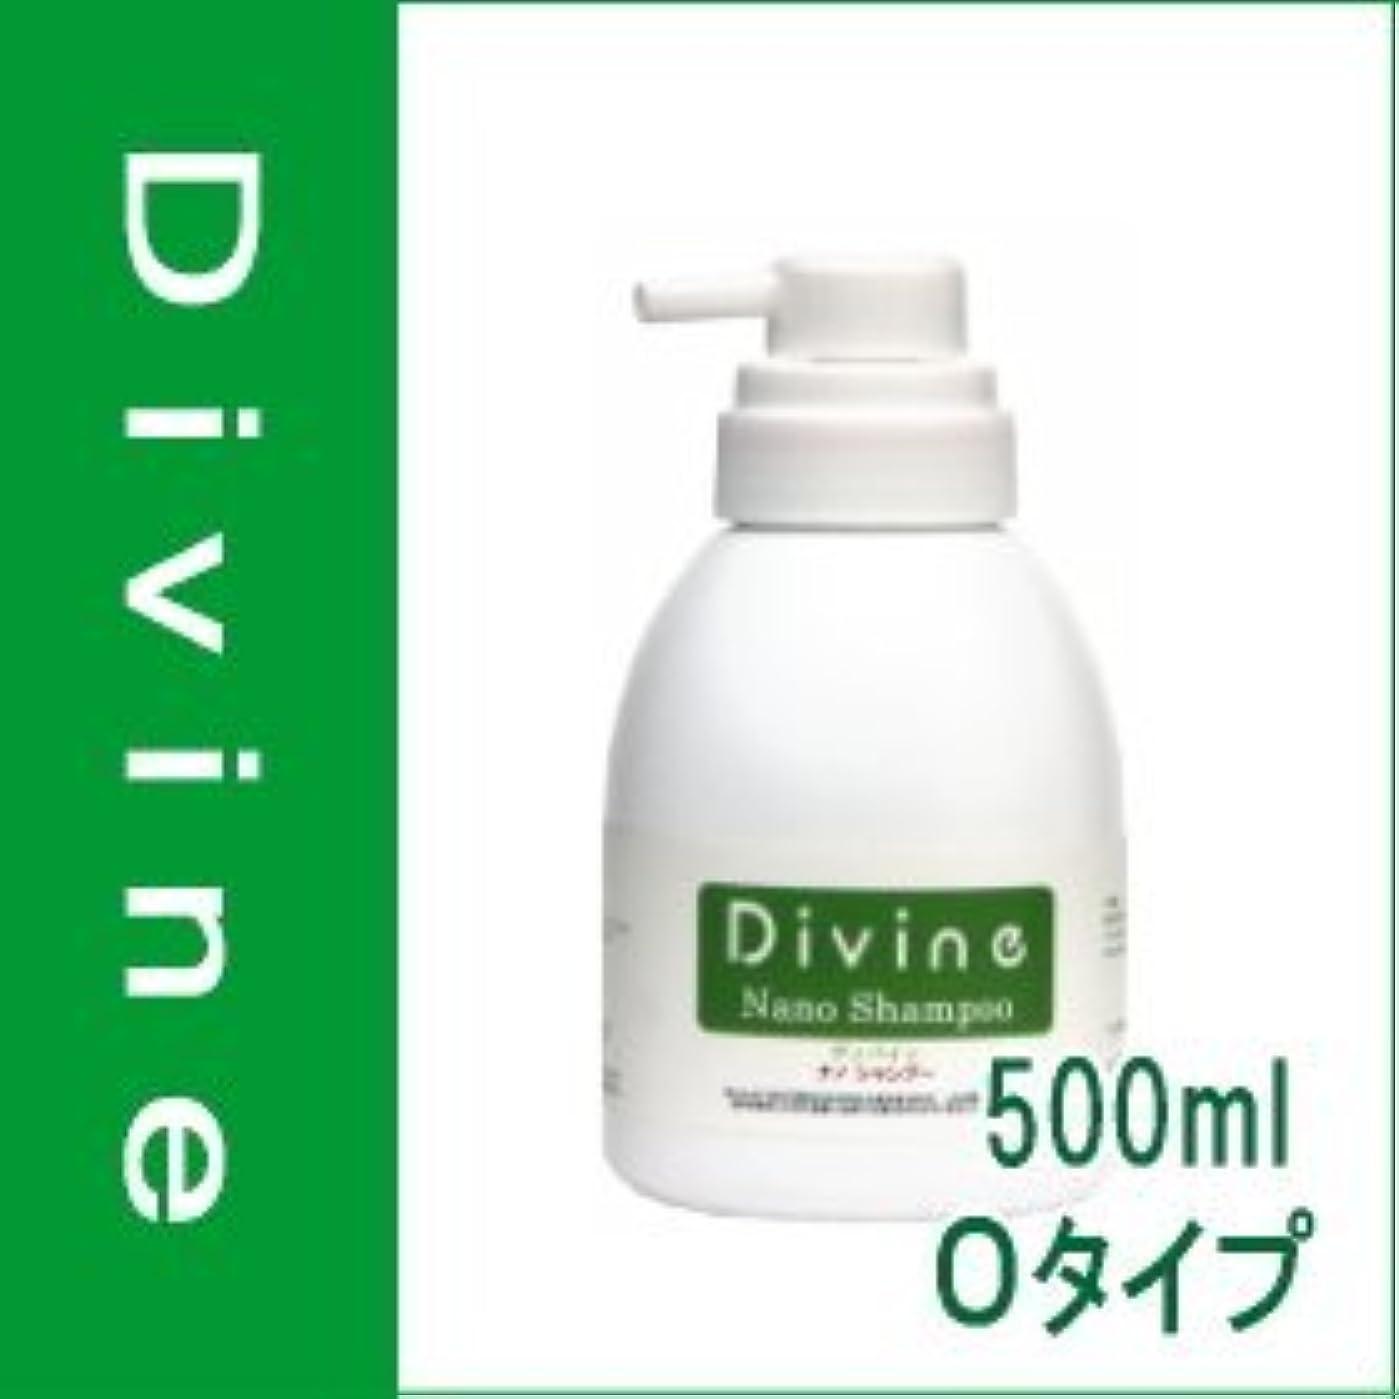 シンボル積分起きるディバイン ナノ シャンプーO 500ml